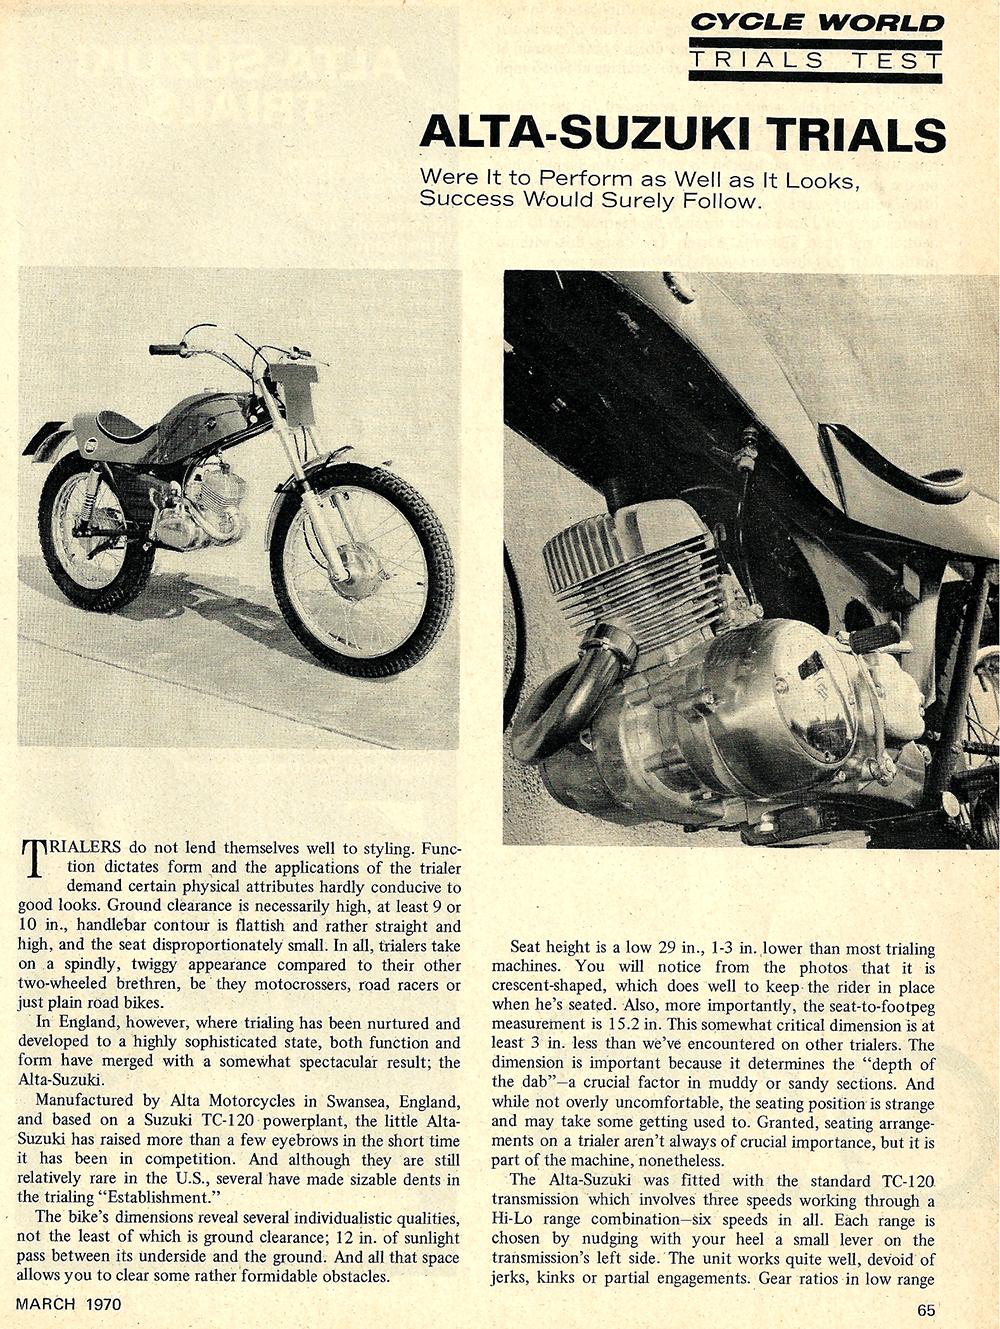 1970 Alta-Suzuki Trials test 1.jpg